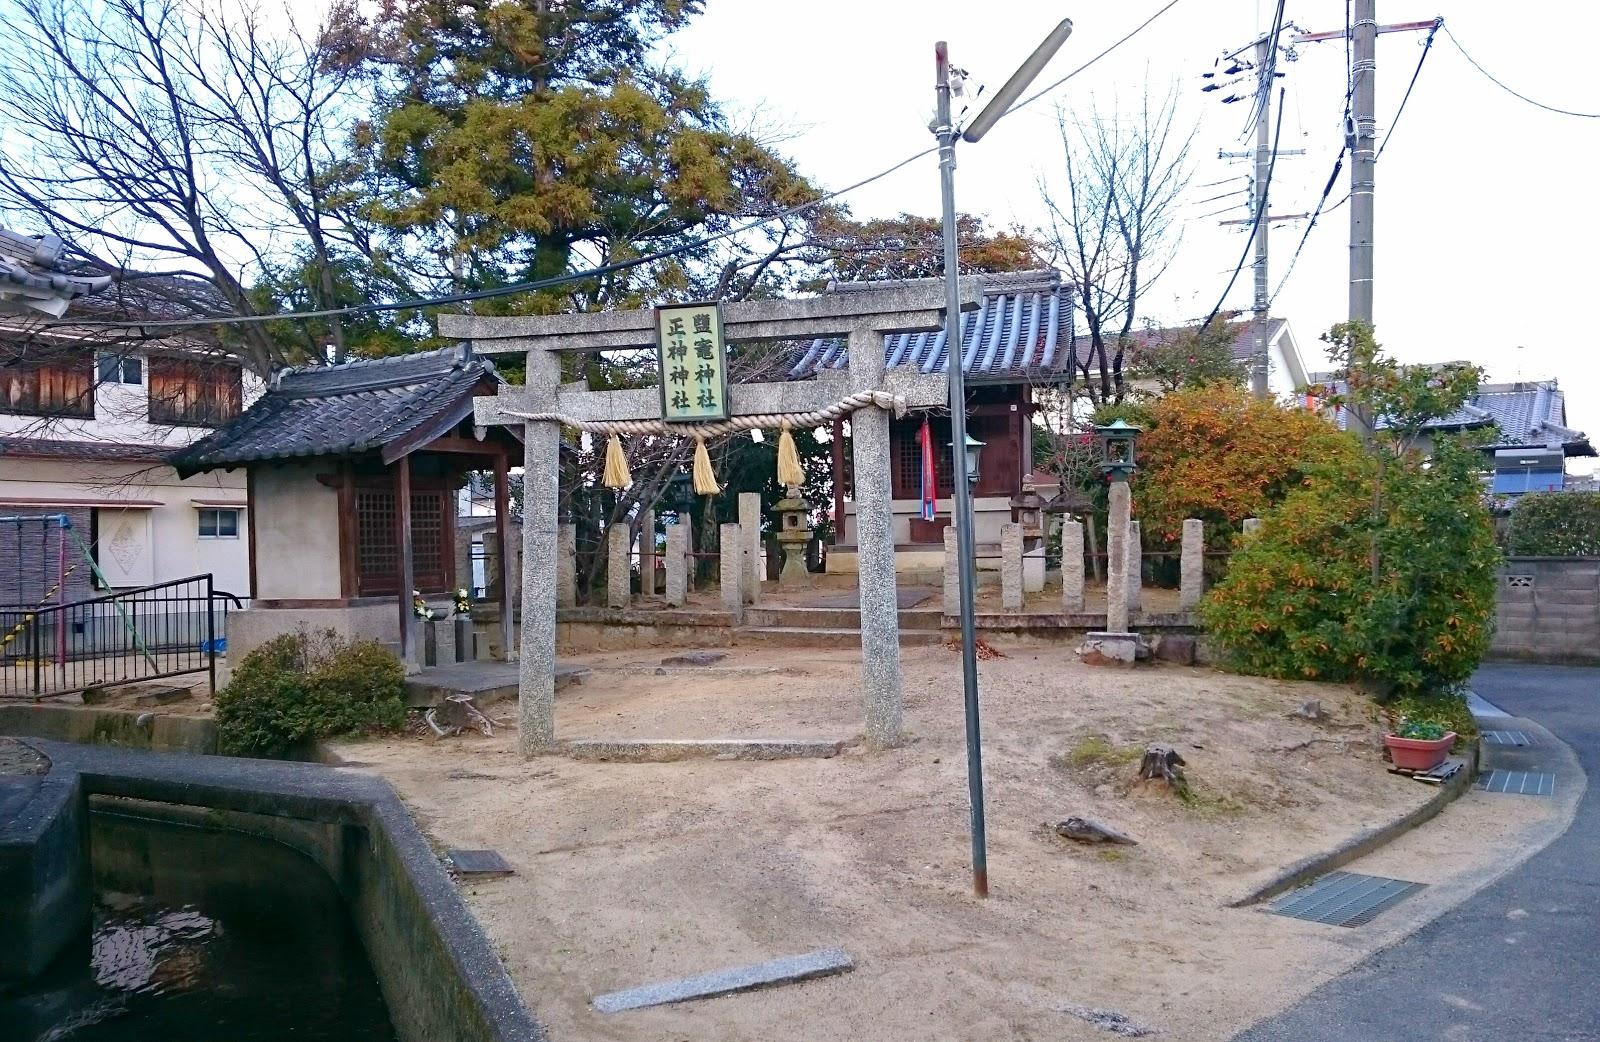 鹽竈神社・正神神社(羽曳野市) ・東北地方に縁のある神社